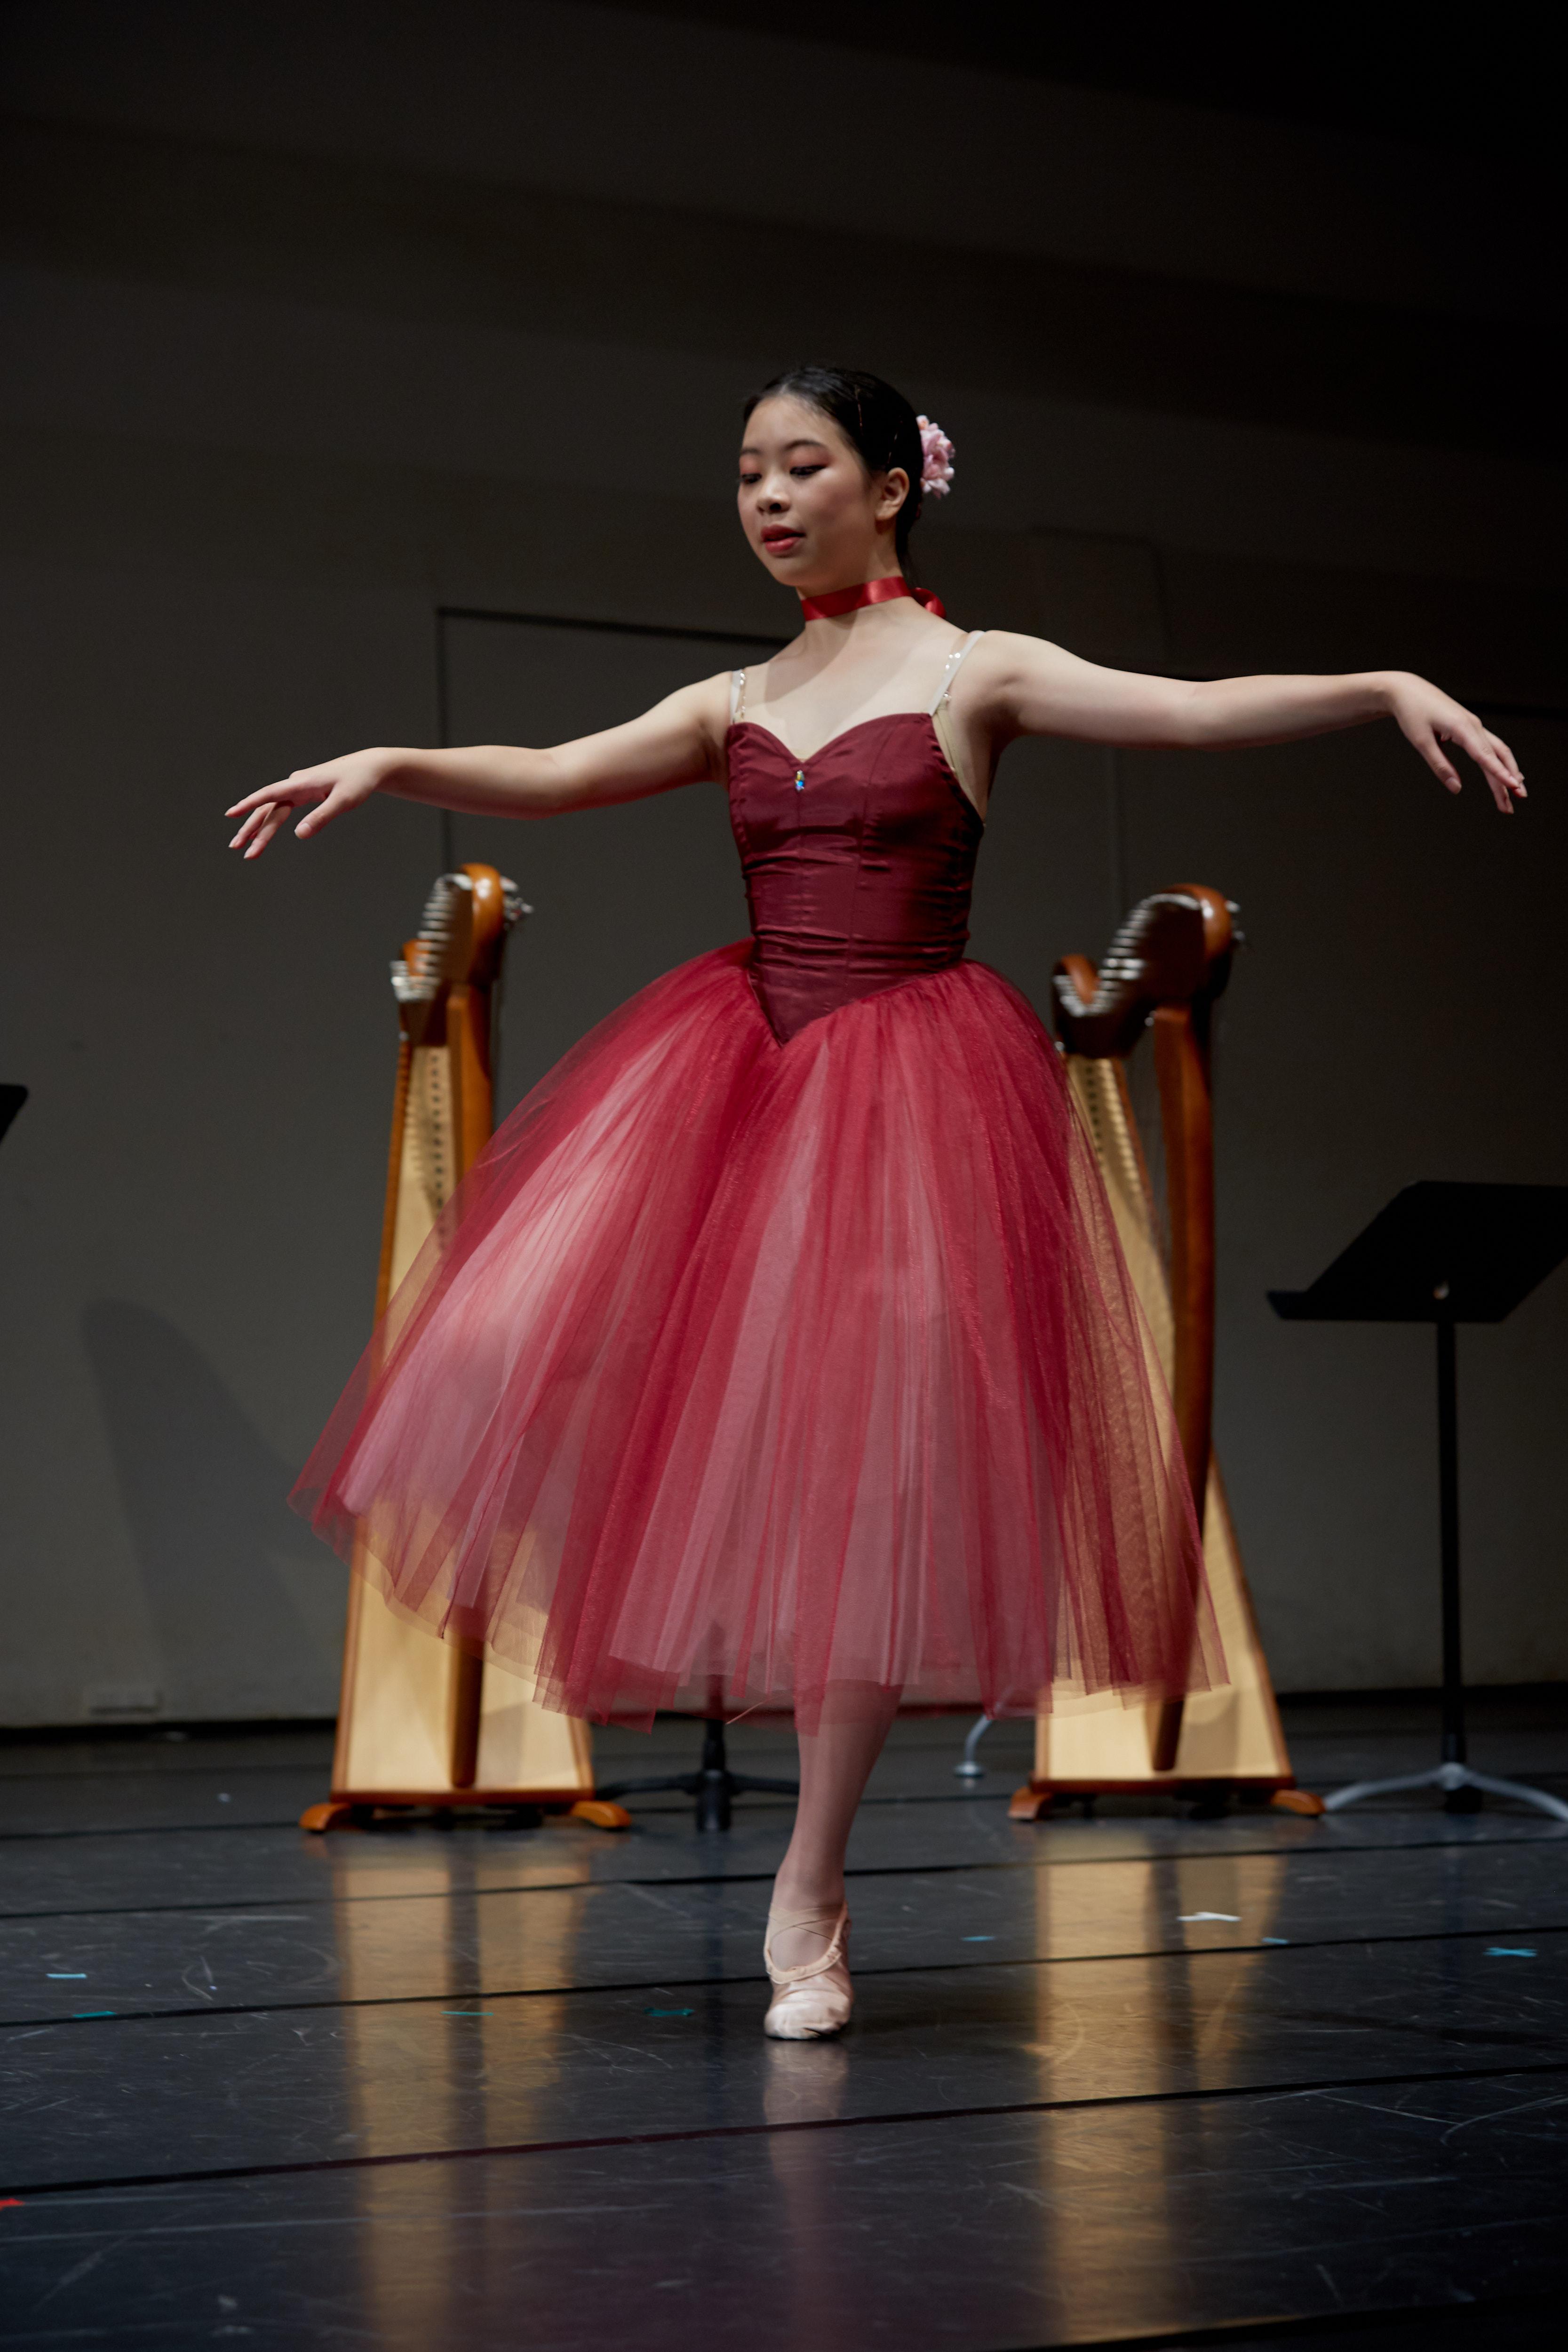 2017 變裝派對 結合芭蕾跨界演出